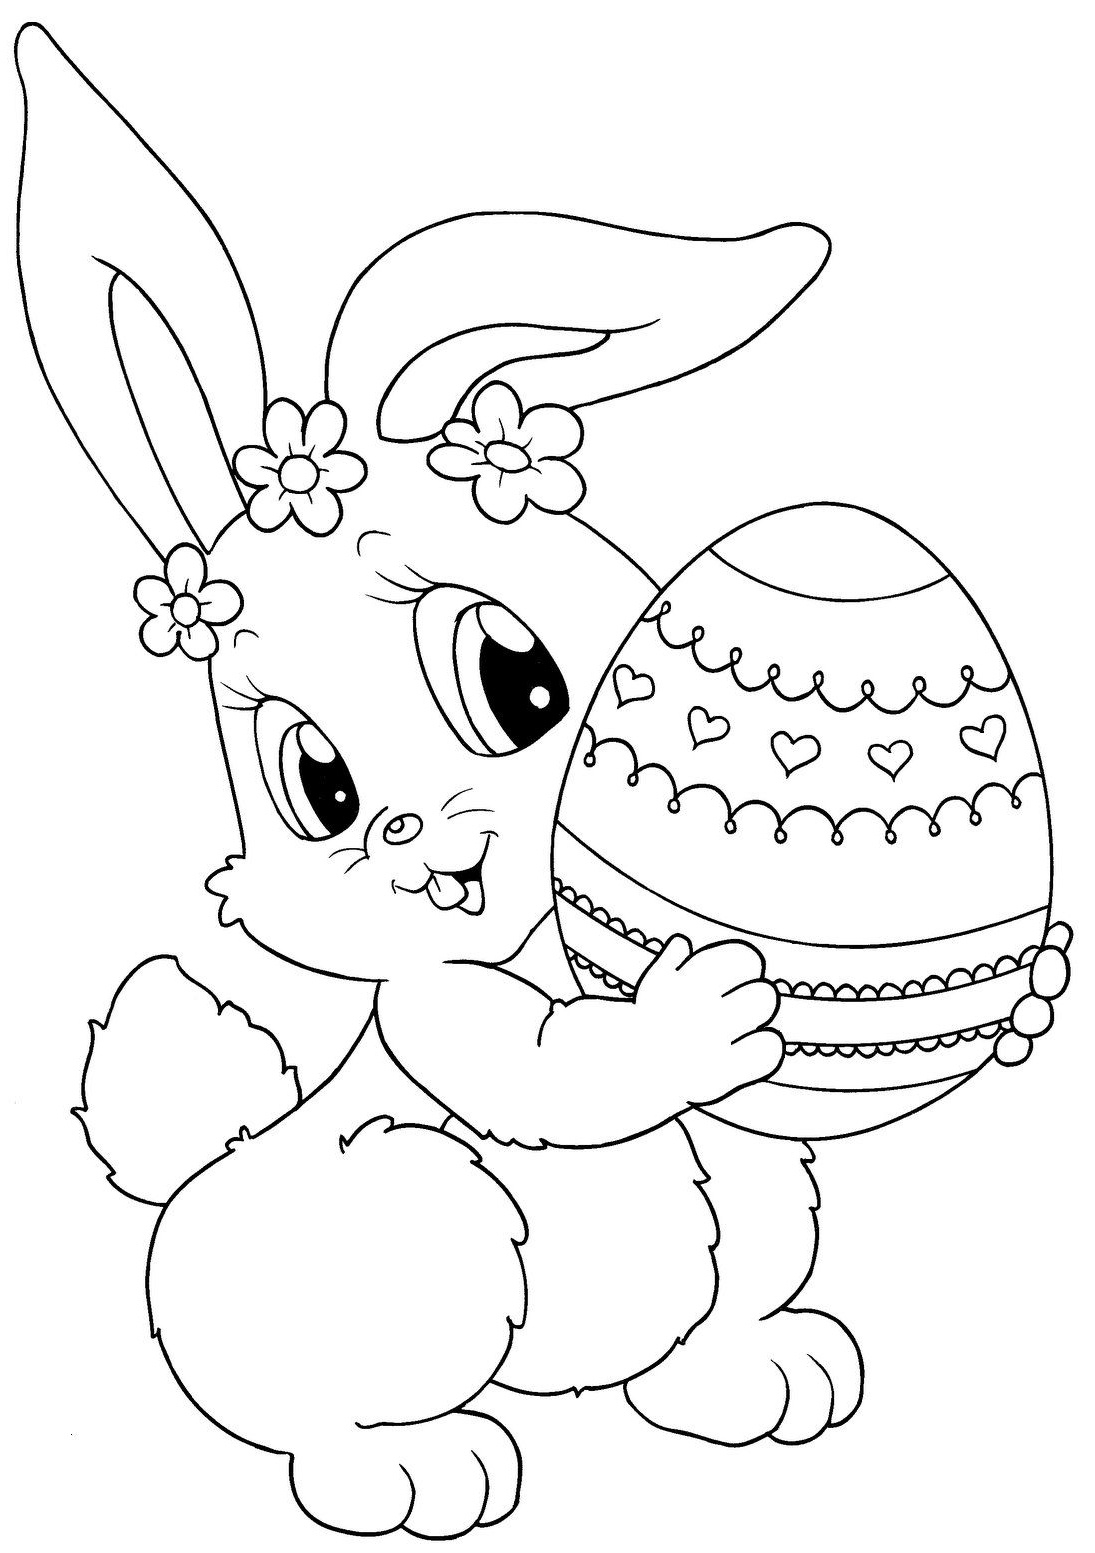 Printable Easter Colorings Free Online Blank Egg Cute | Coloring Pages - Easter Color Pages Free Printable